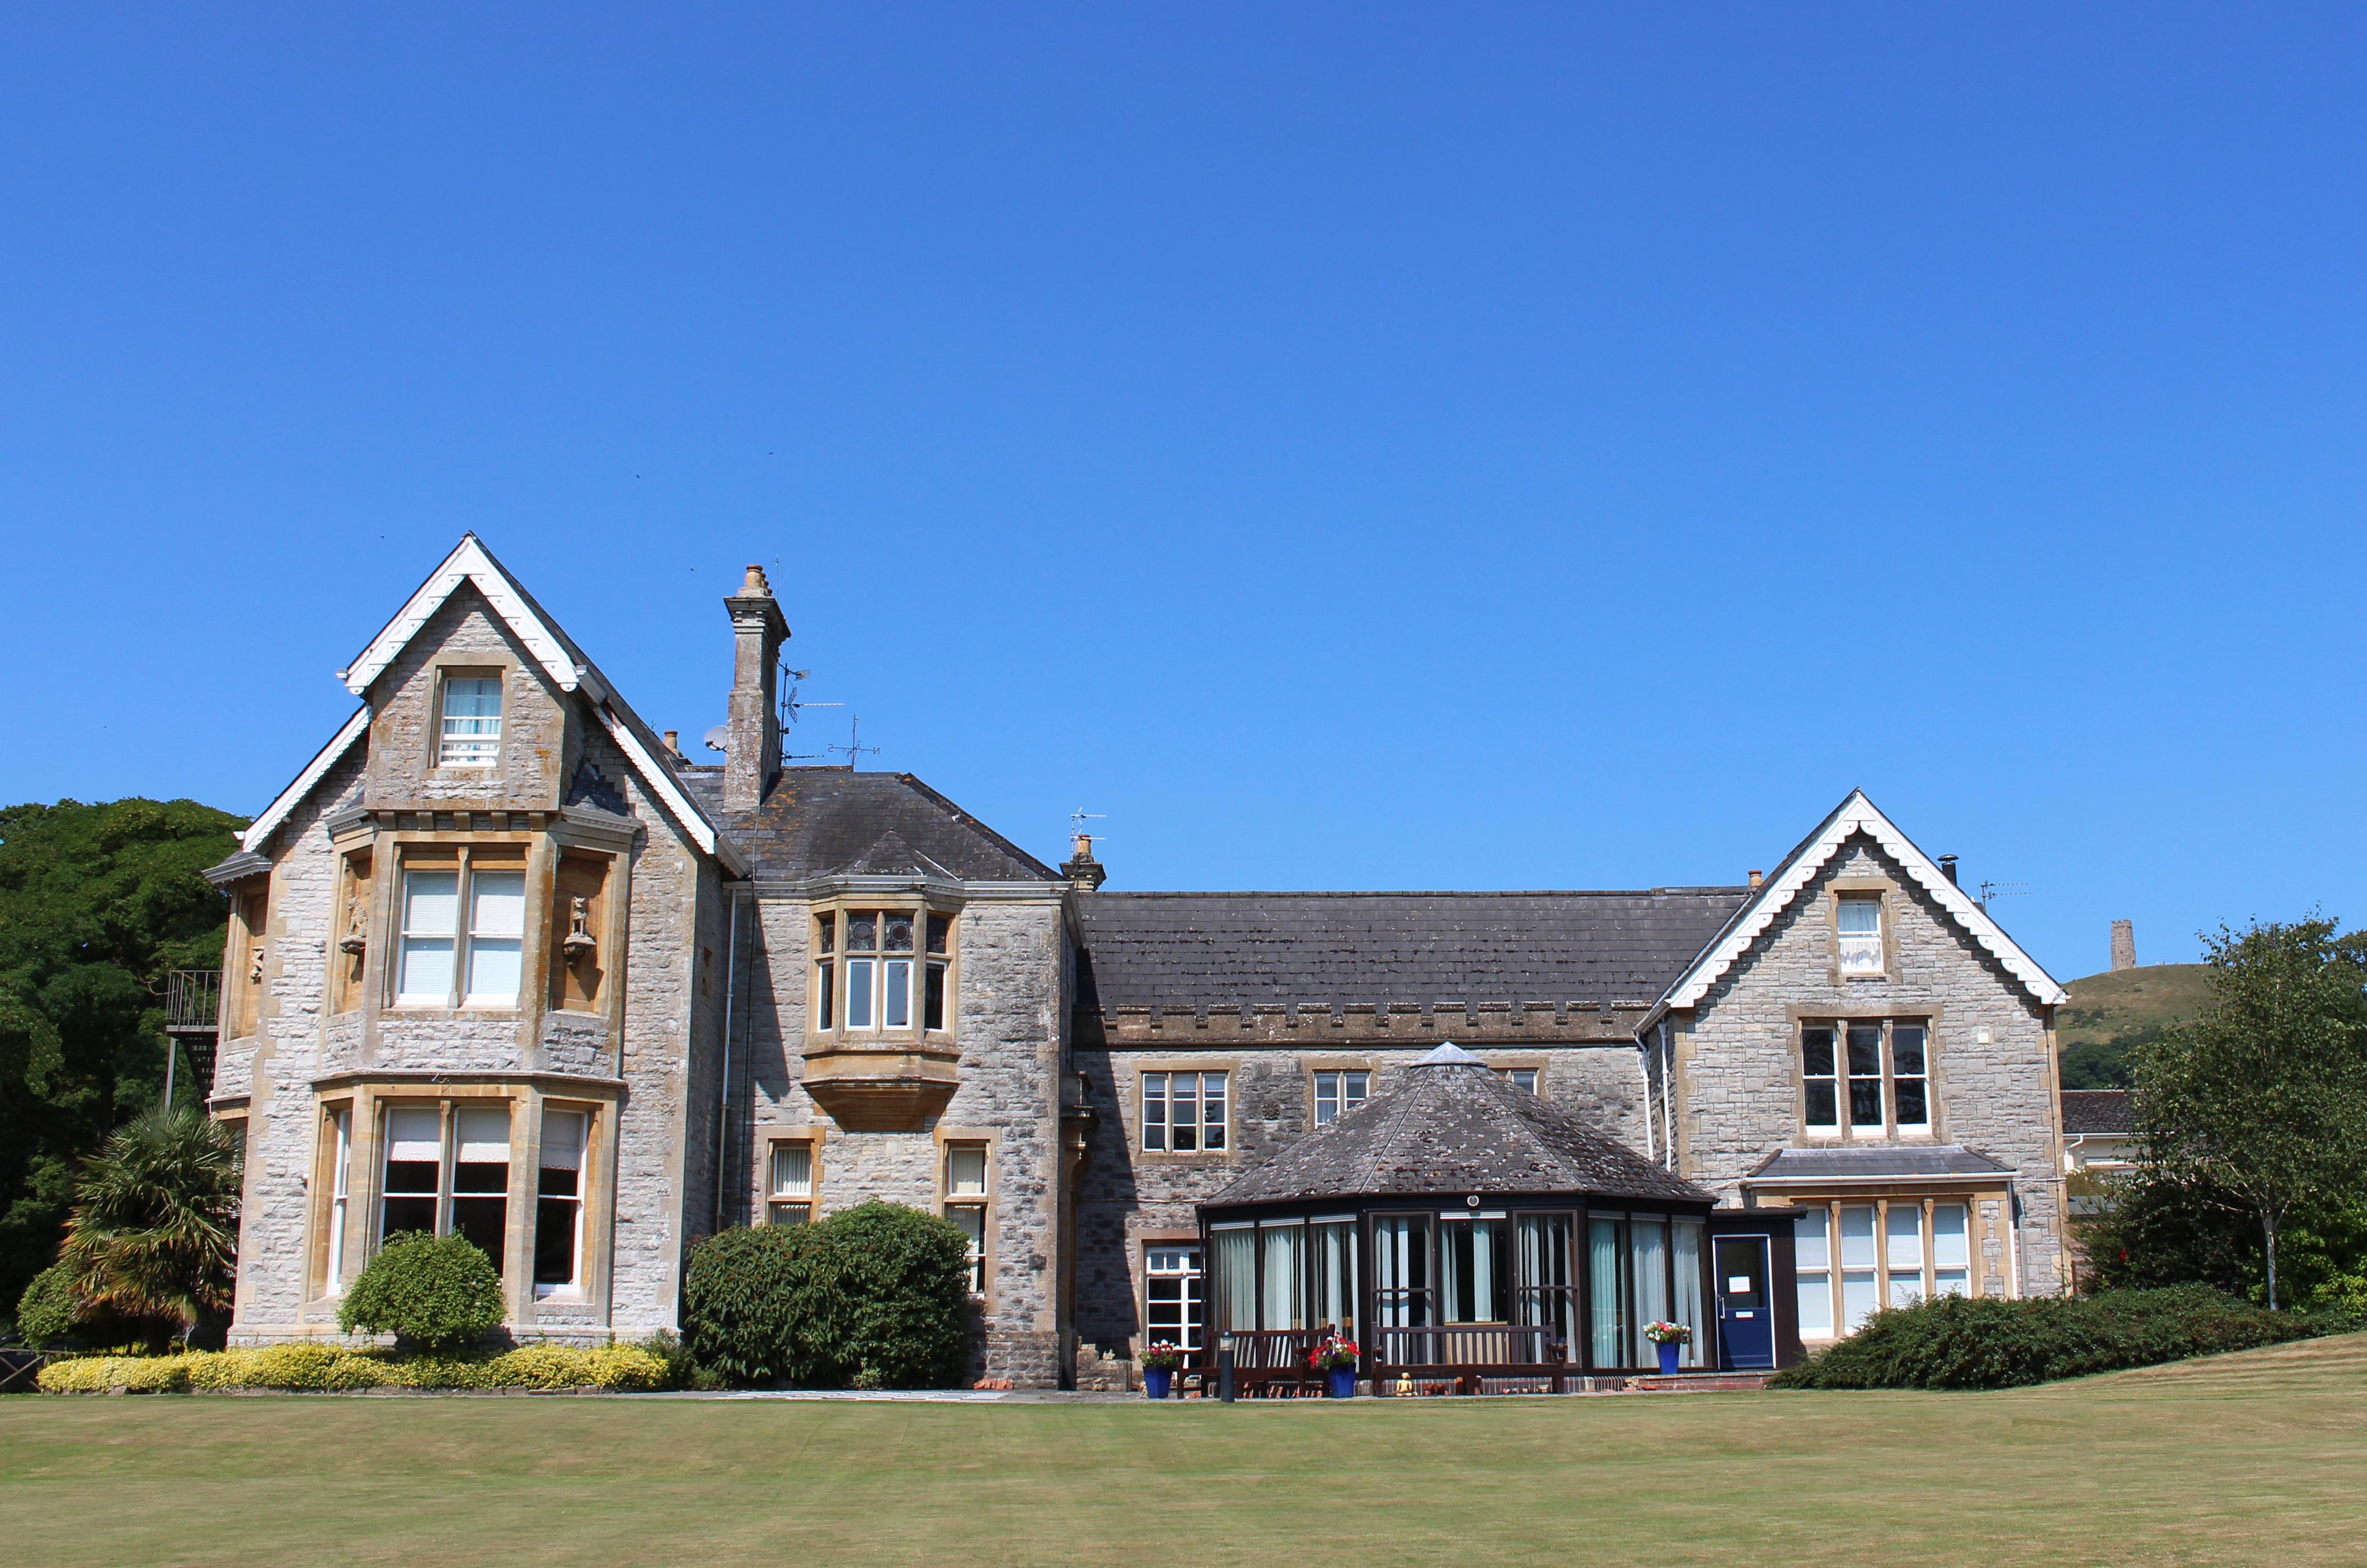 Edgarley House